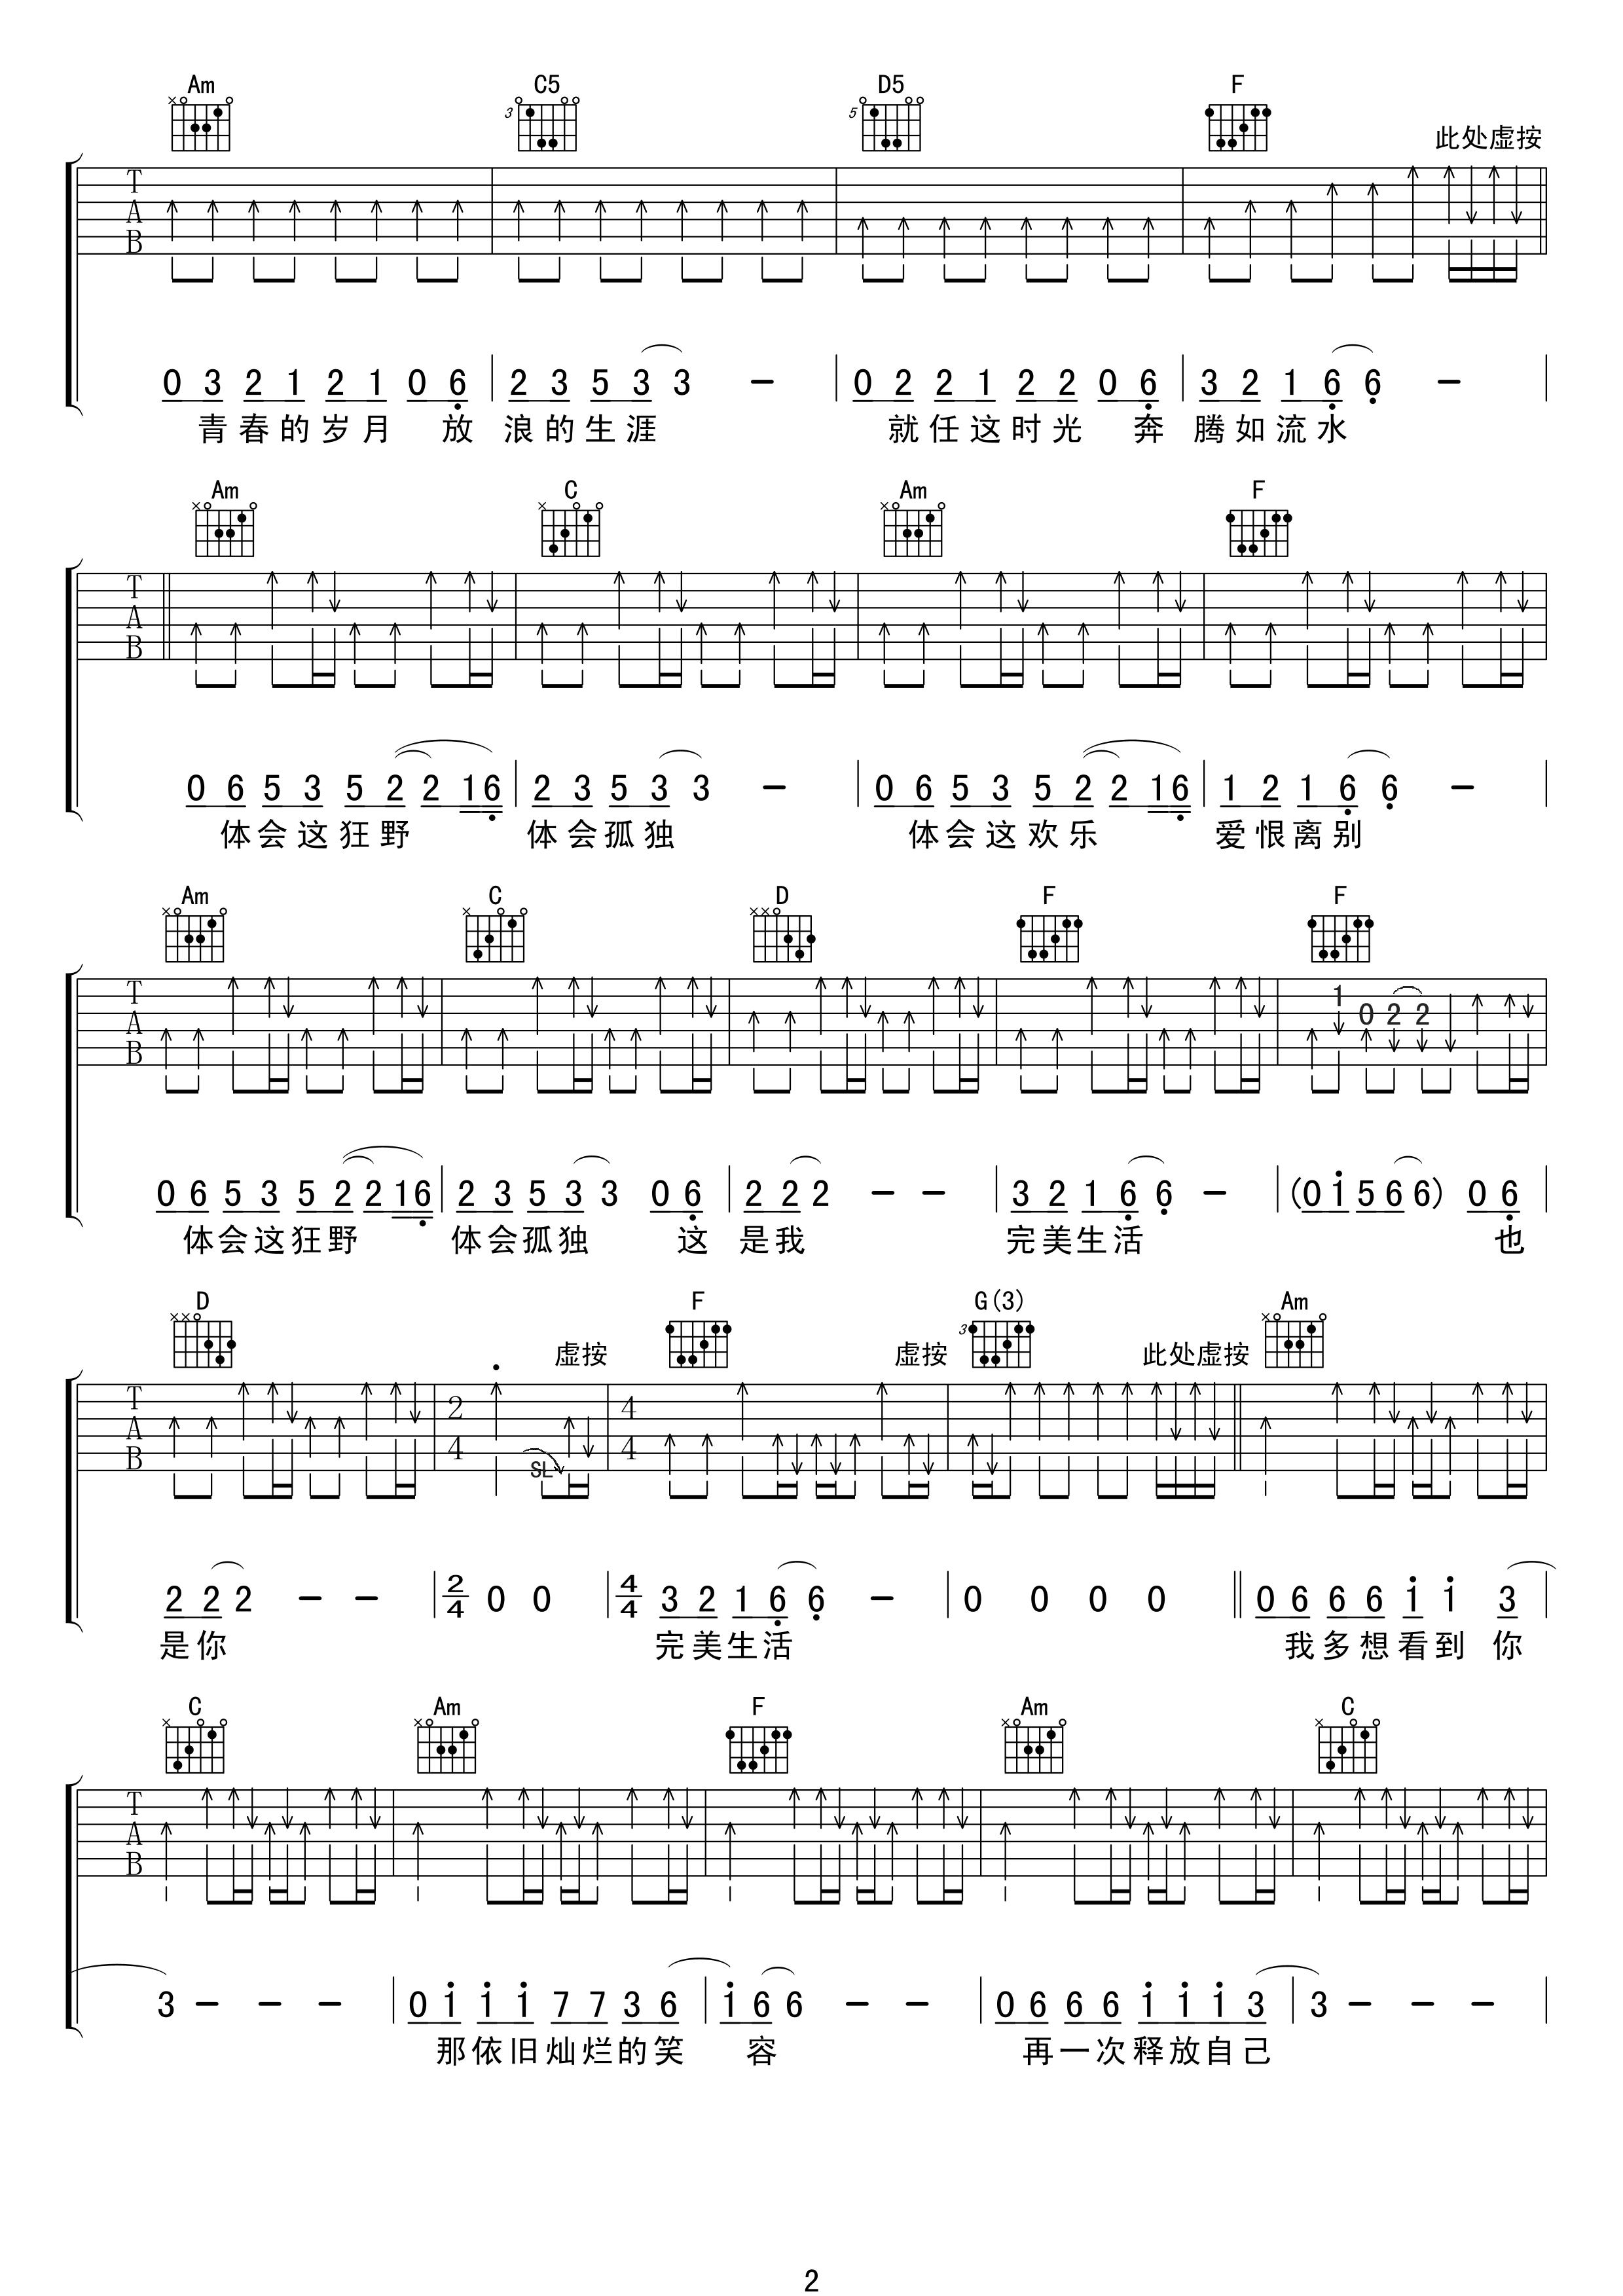 许巍《完美生活》吉他谱 C调原版吉他弹唱谱2